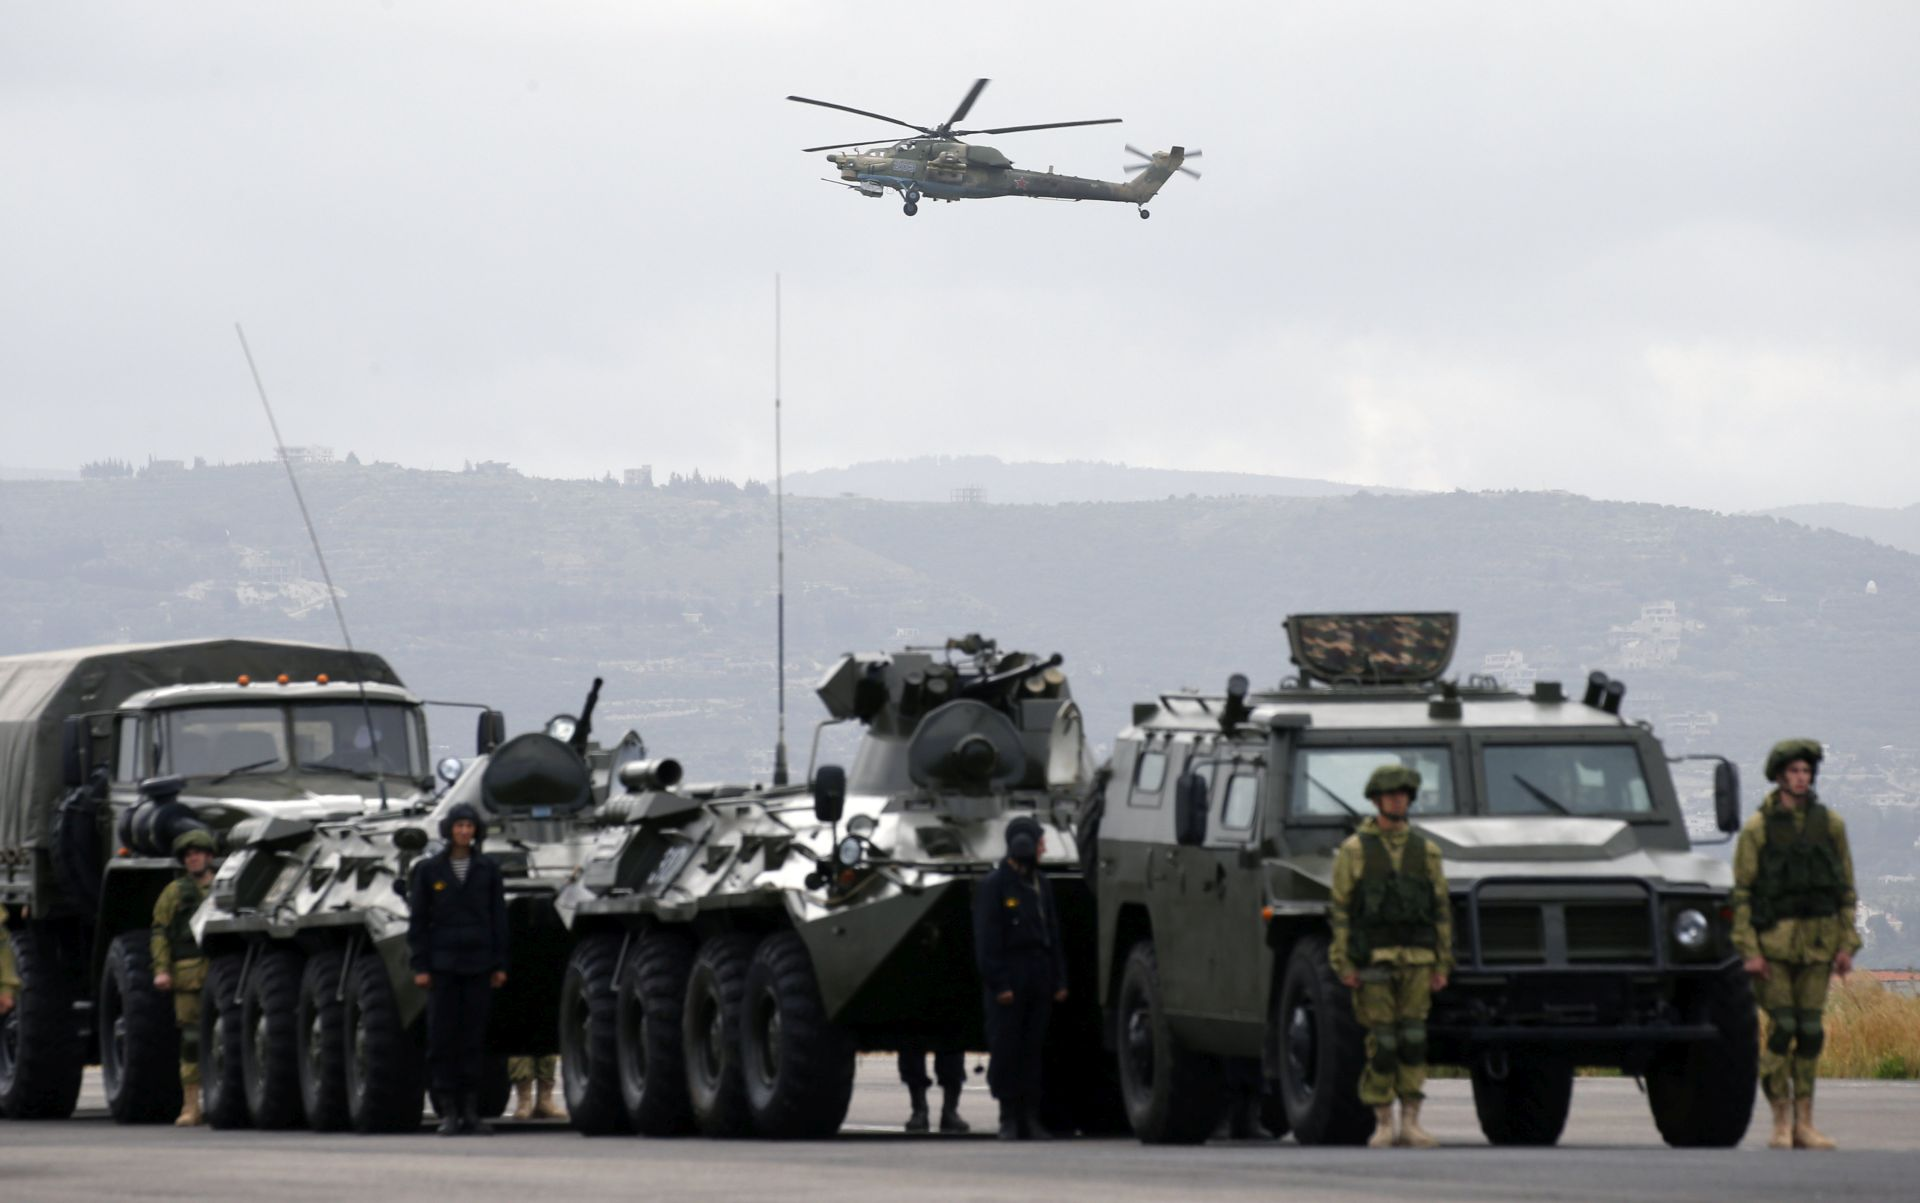 Rusija i formalno uspostavlja trajnu vojnu nazočnost u Siriji